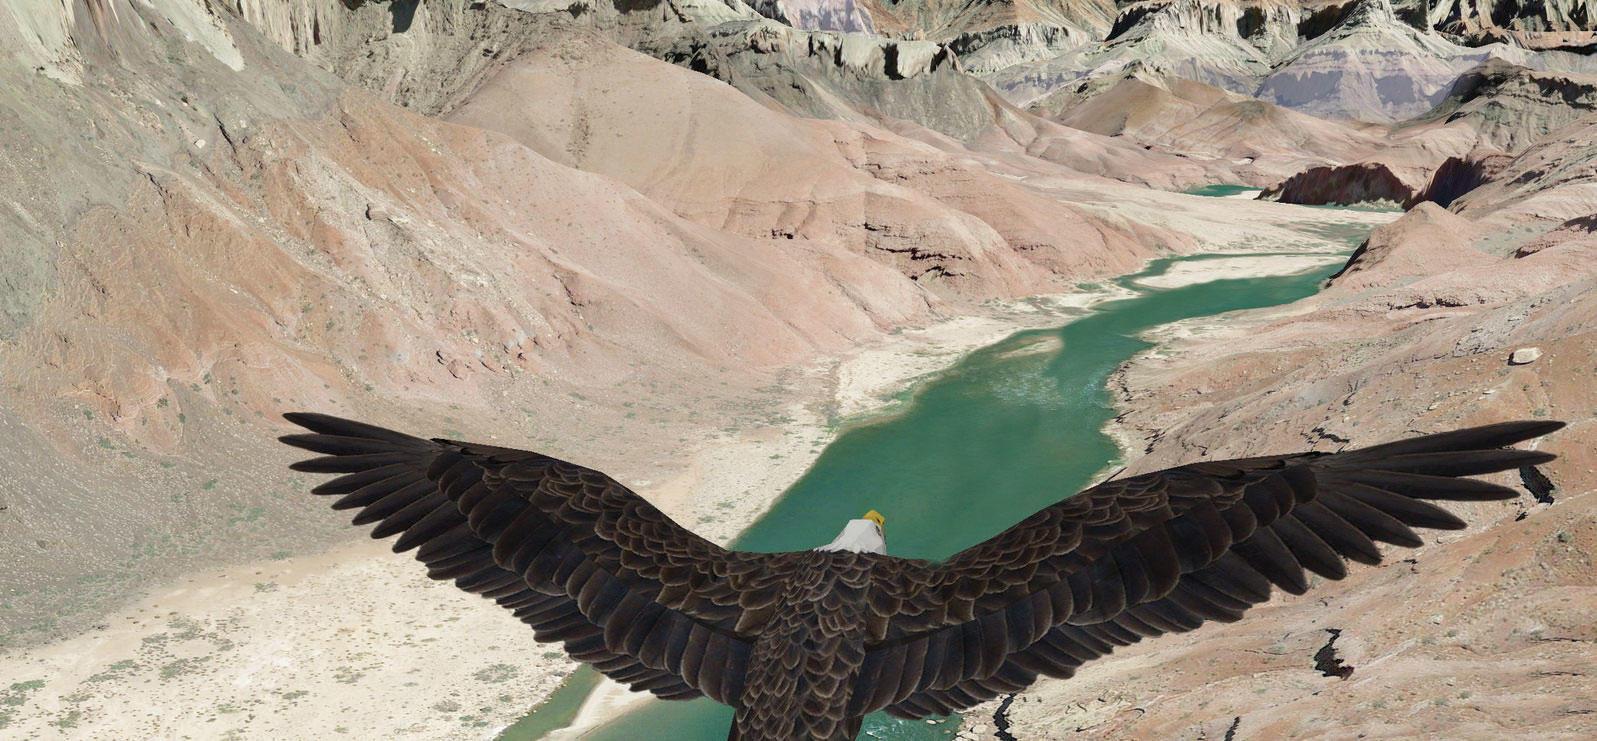 A Bald Eagle cruises over the Colorado River in FlightMap. National Audubon Society